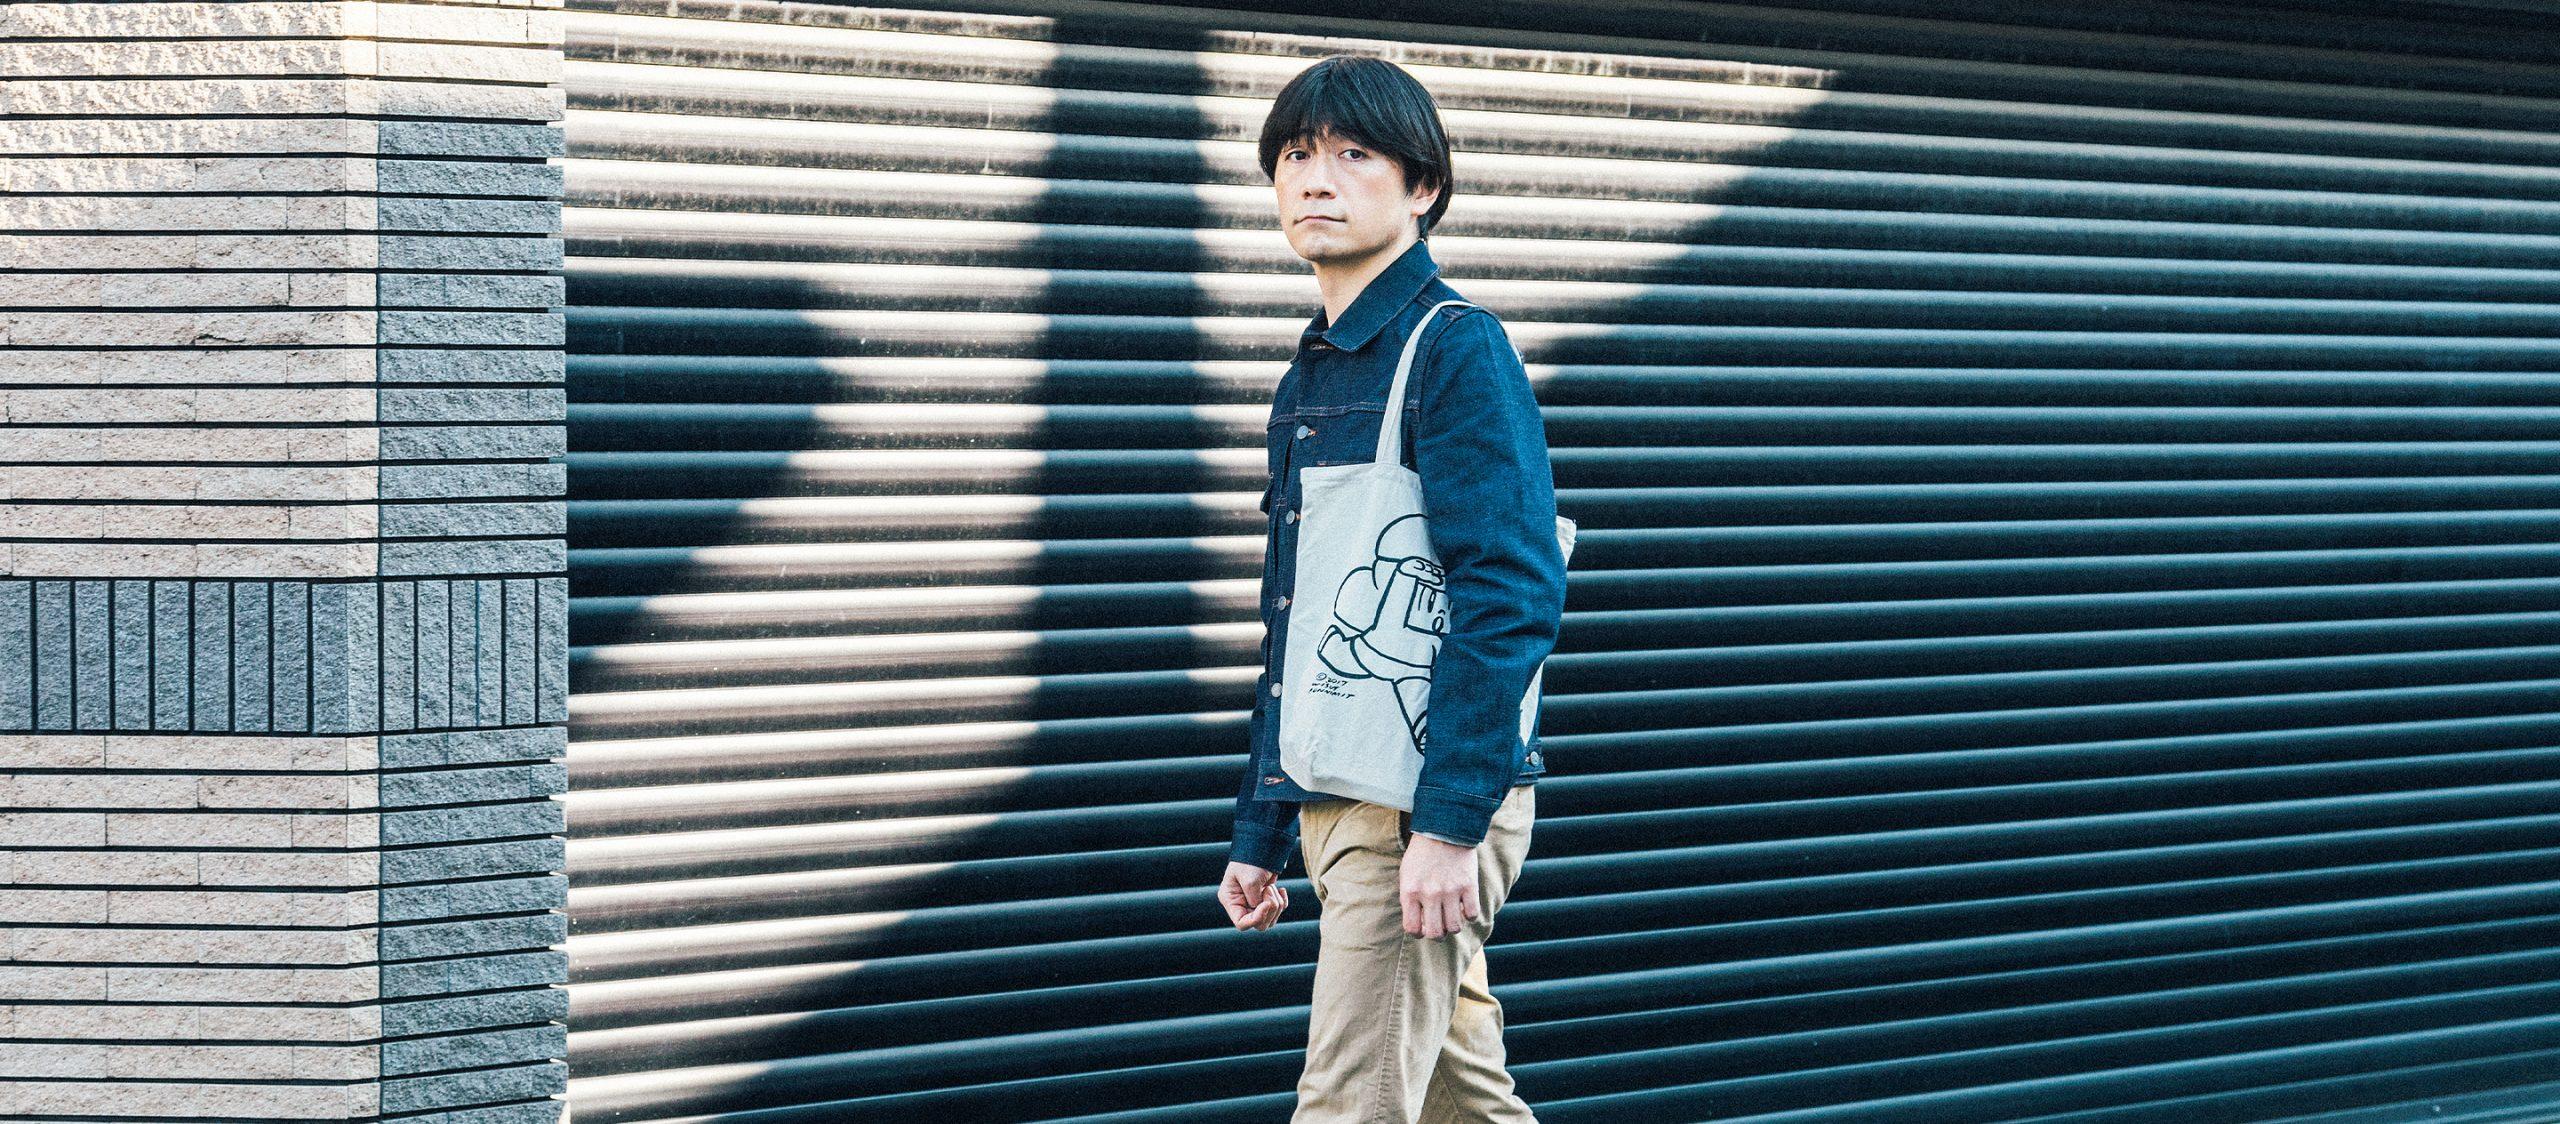 Kazuhiro Kimura ผู้จัดการตารางงานของมะม่วงในแดนอาทิตย์อุทัย